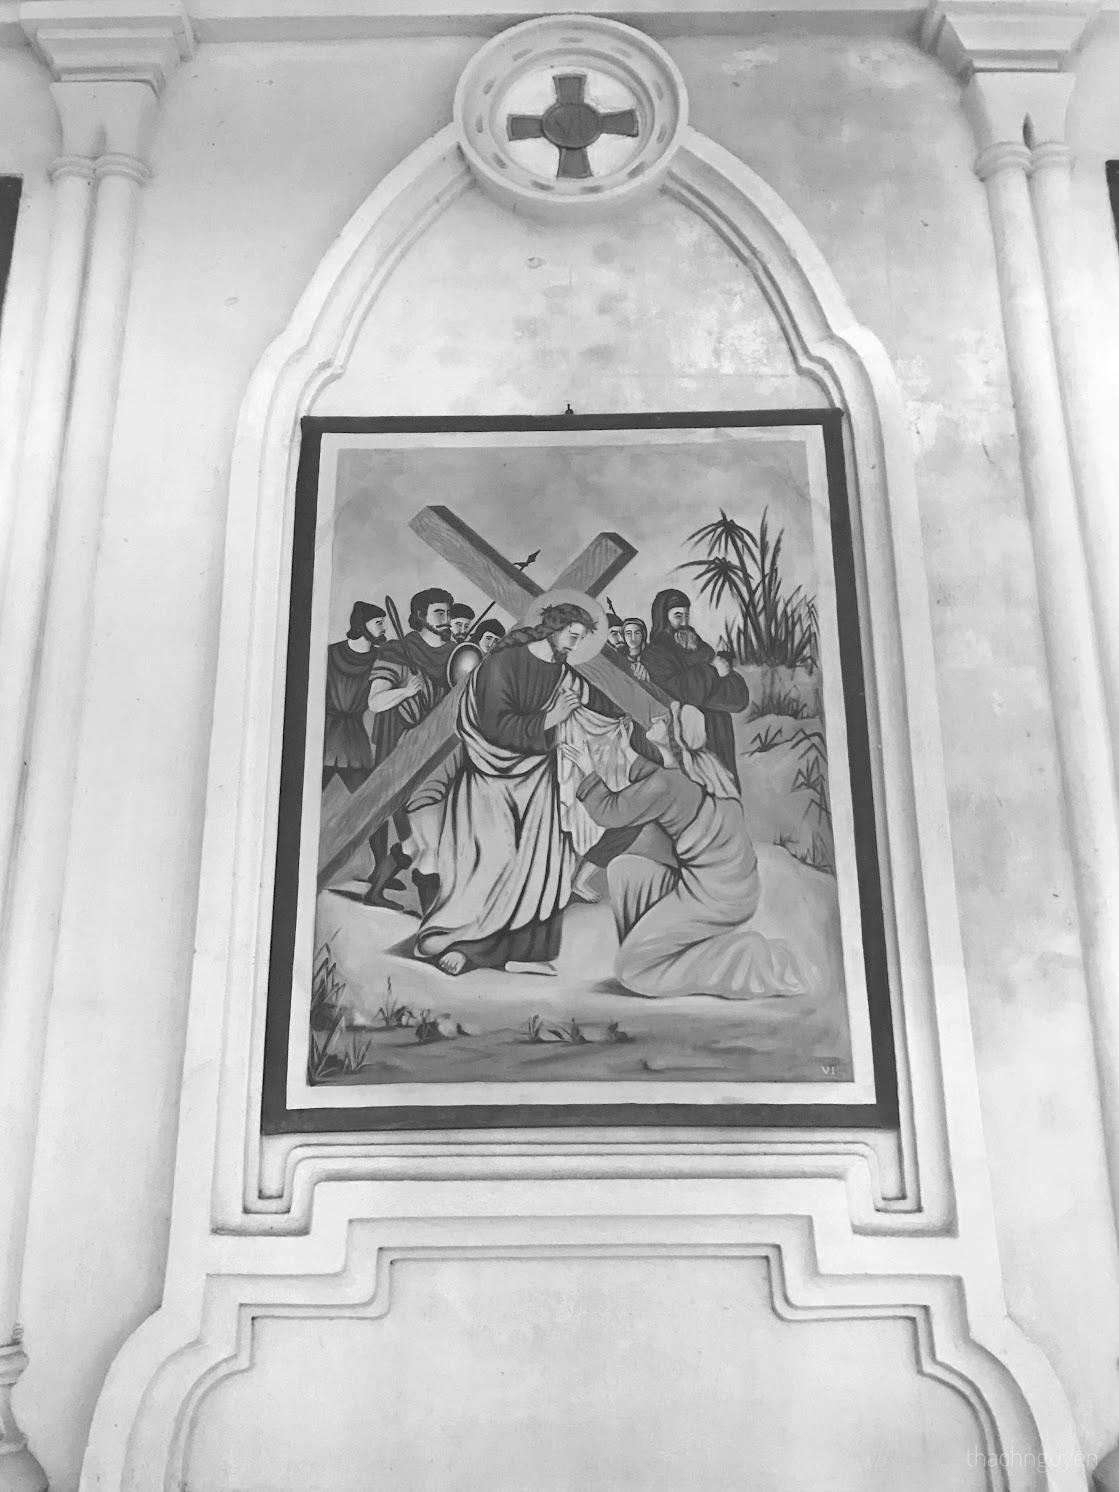 bức tranh trên tường đan viện